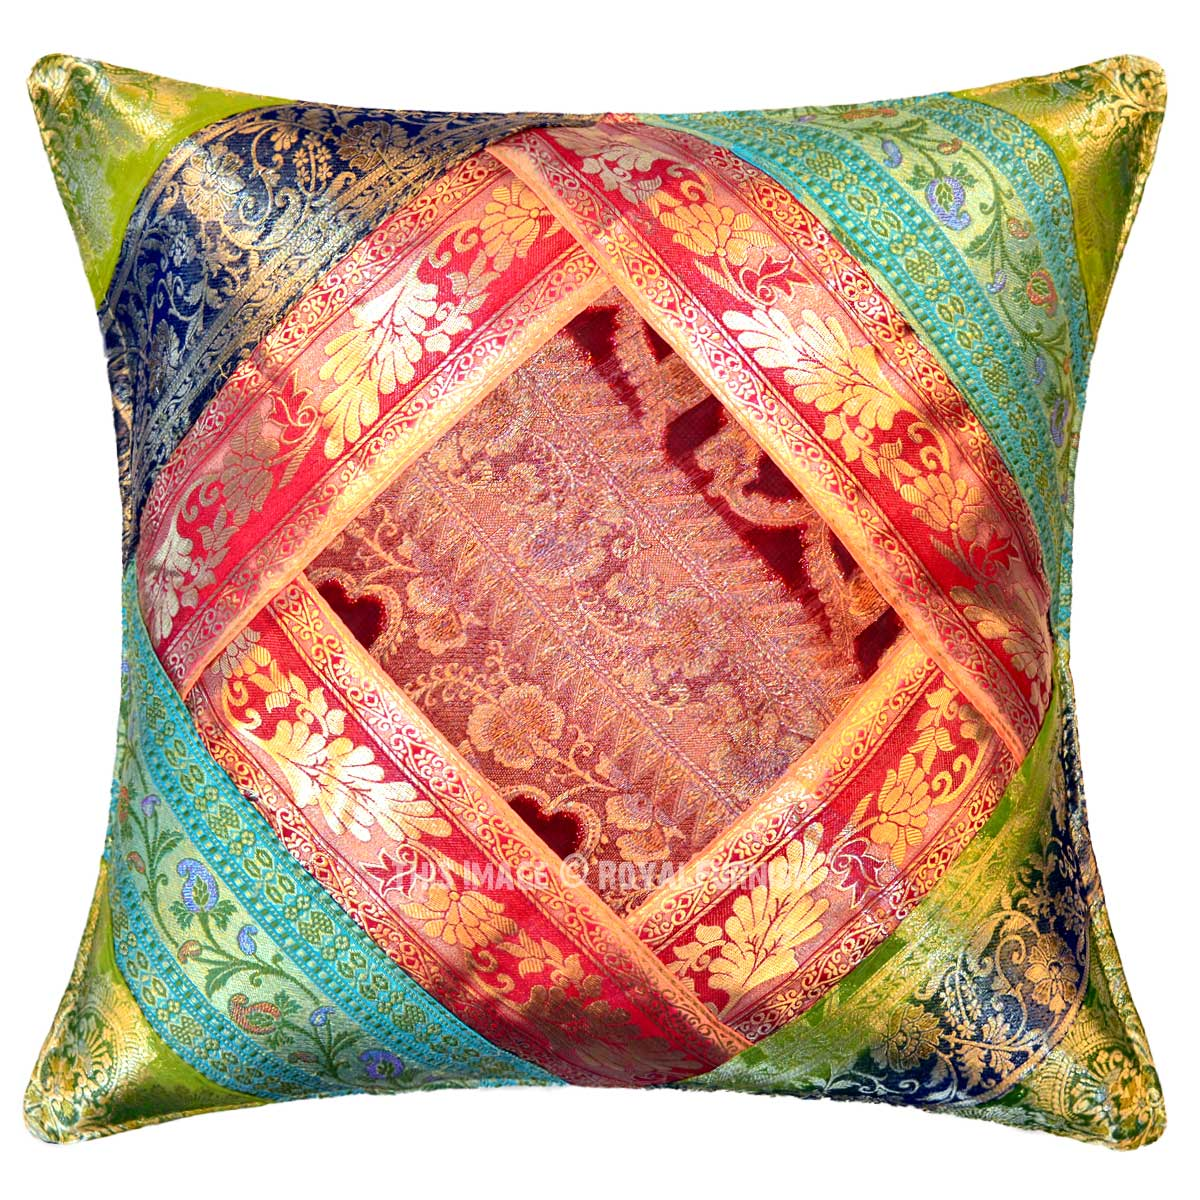 Multi Colorful Unique One Of A Kind Decorative Square Silk